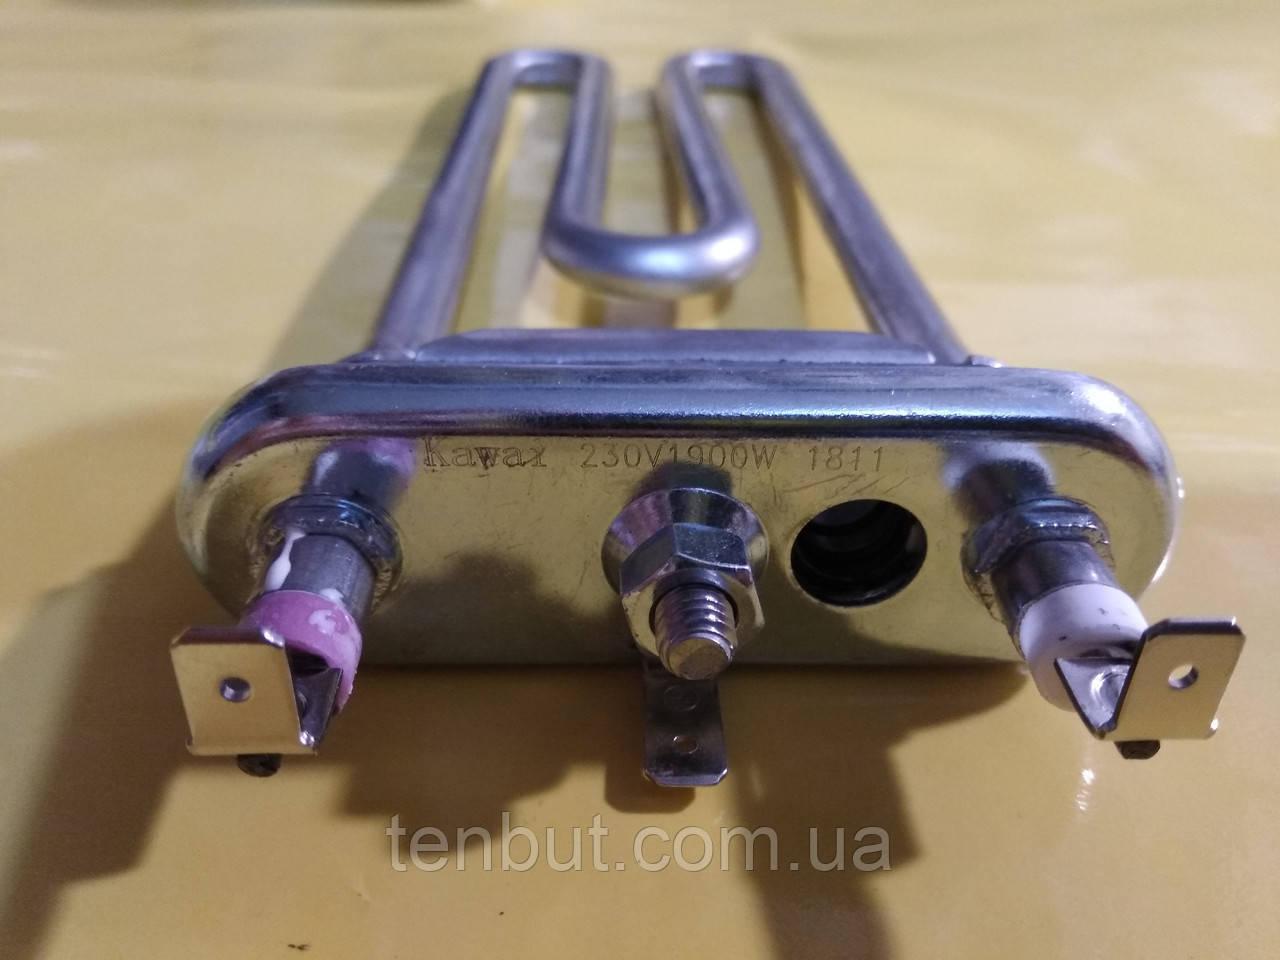 Тэн на стиральную машинку 1950 Вт. / 243 мм. с местом под датчик производство KAWAI Китай оригинал